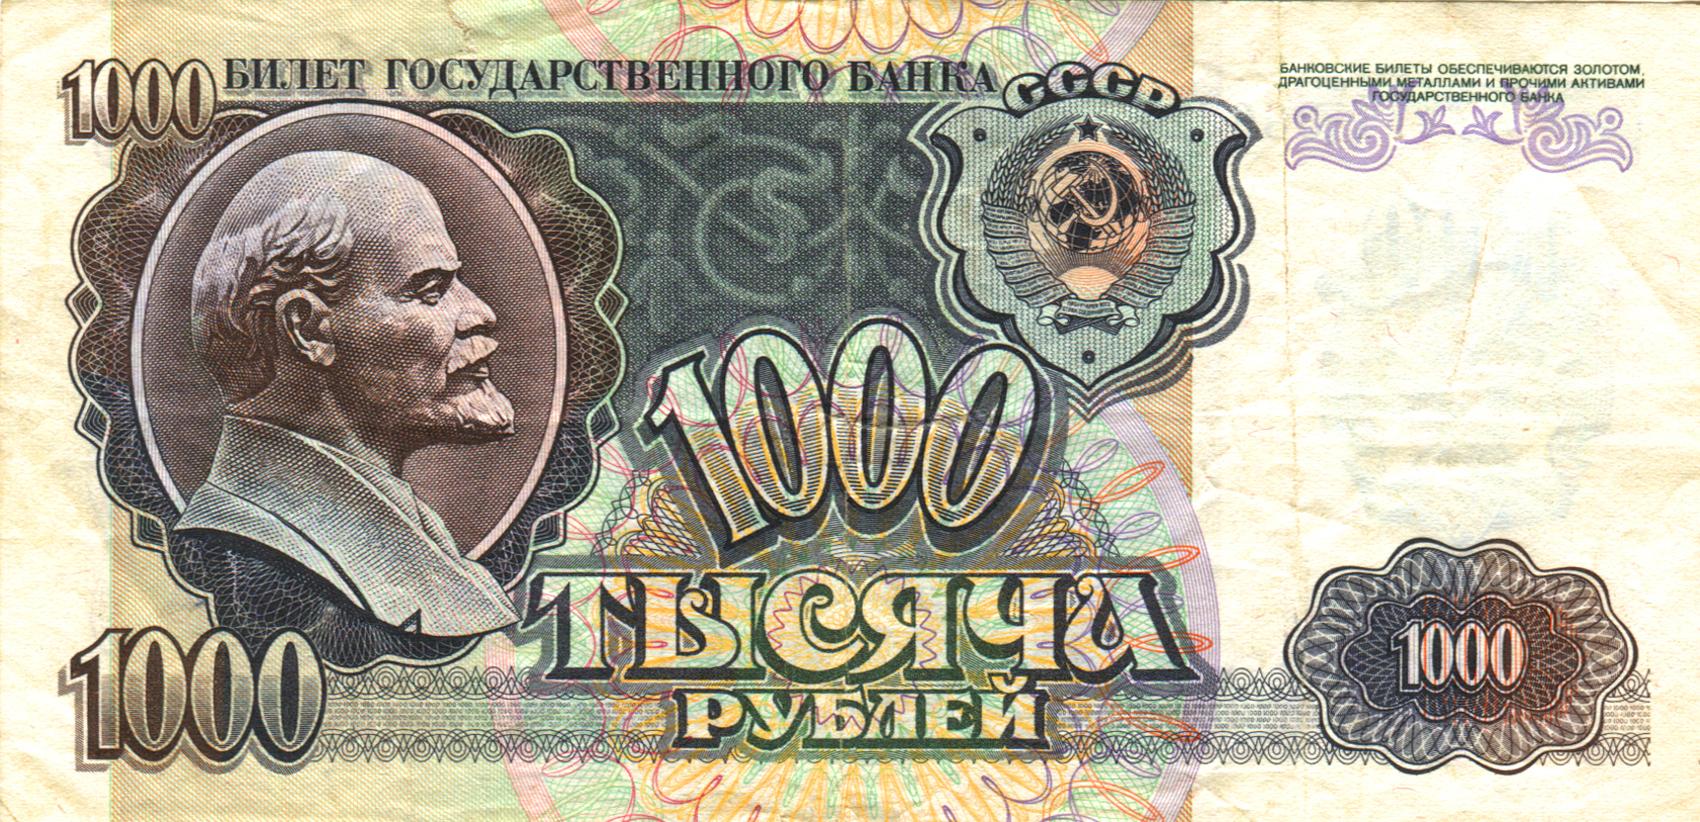 1000 rub.jpg